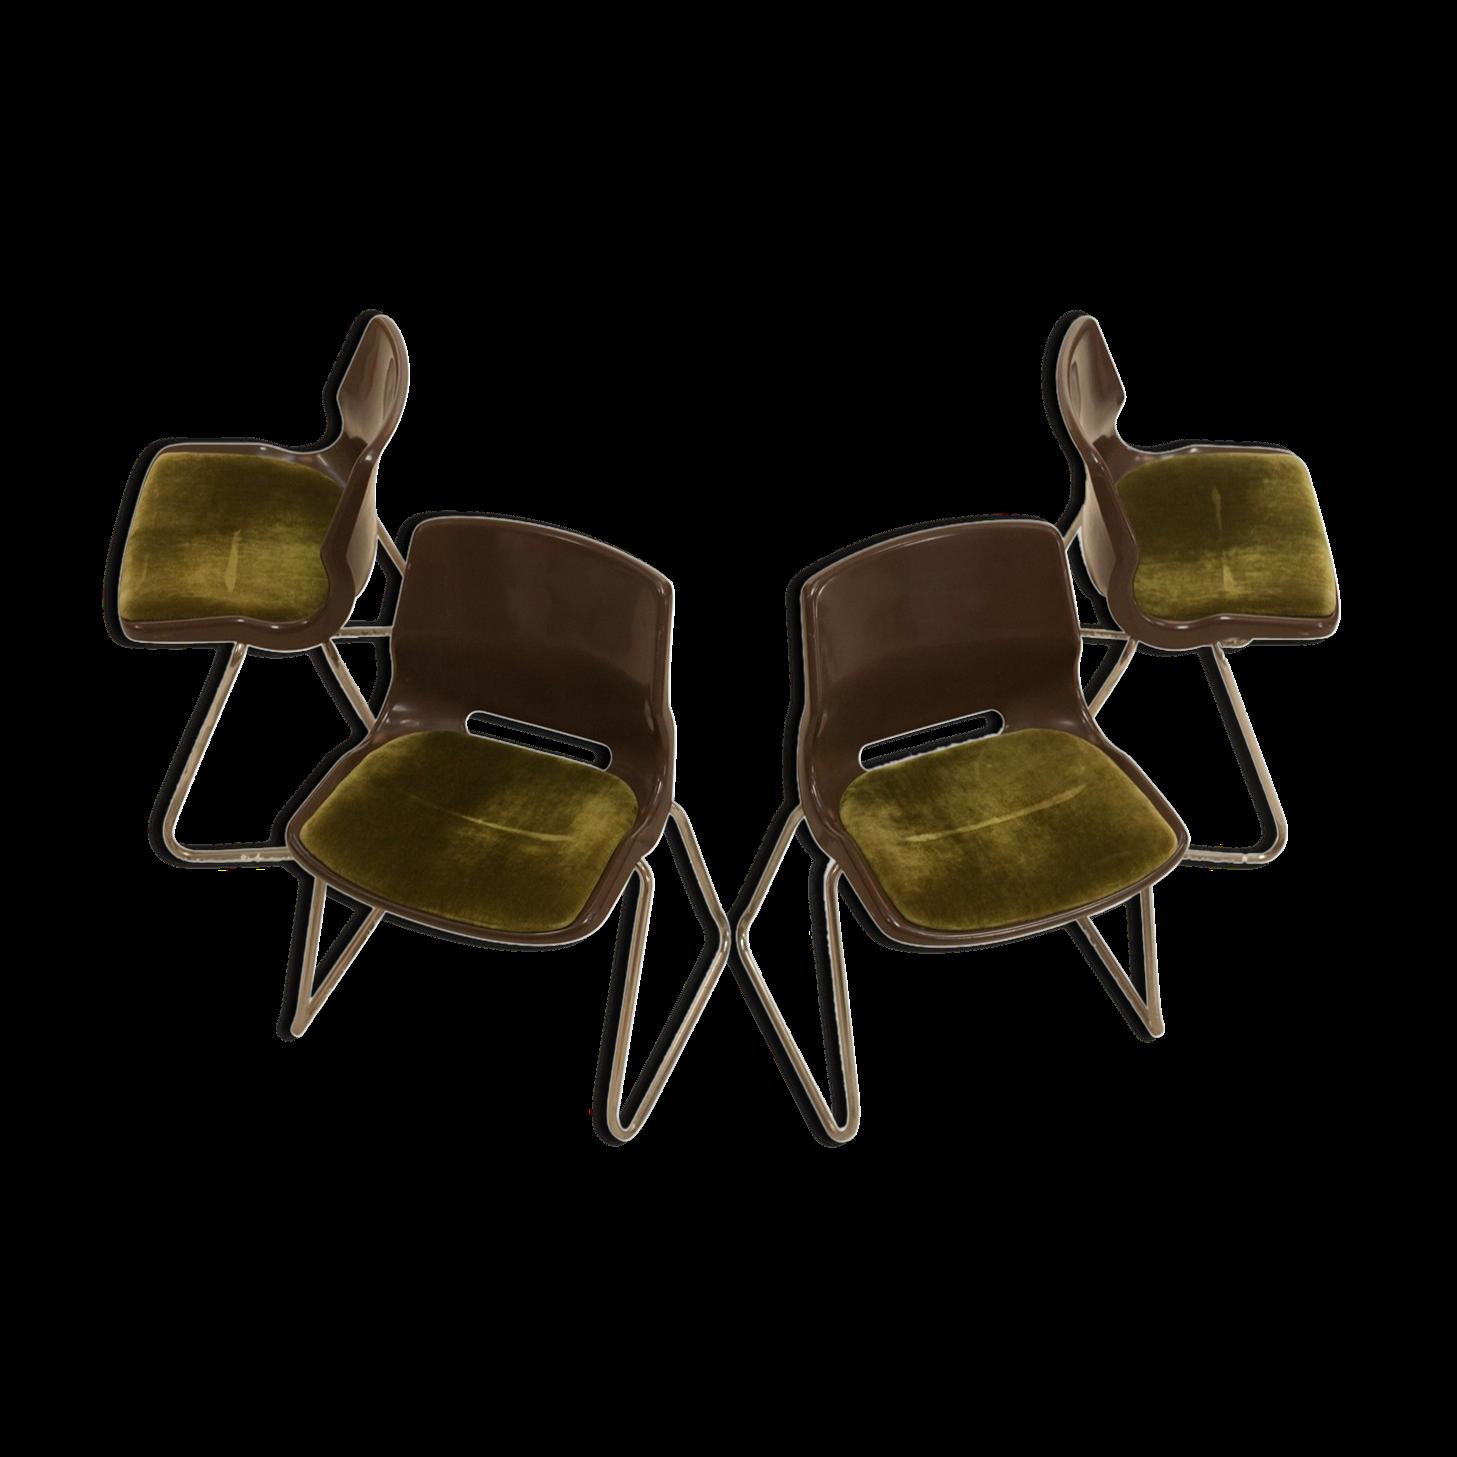 Overman 70s Chairs   Plastic   Green   Vintage   JjU4wAO